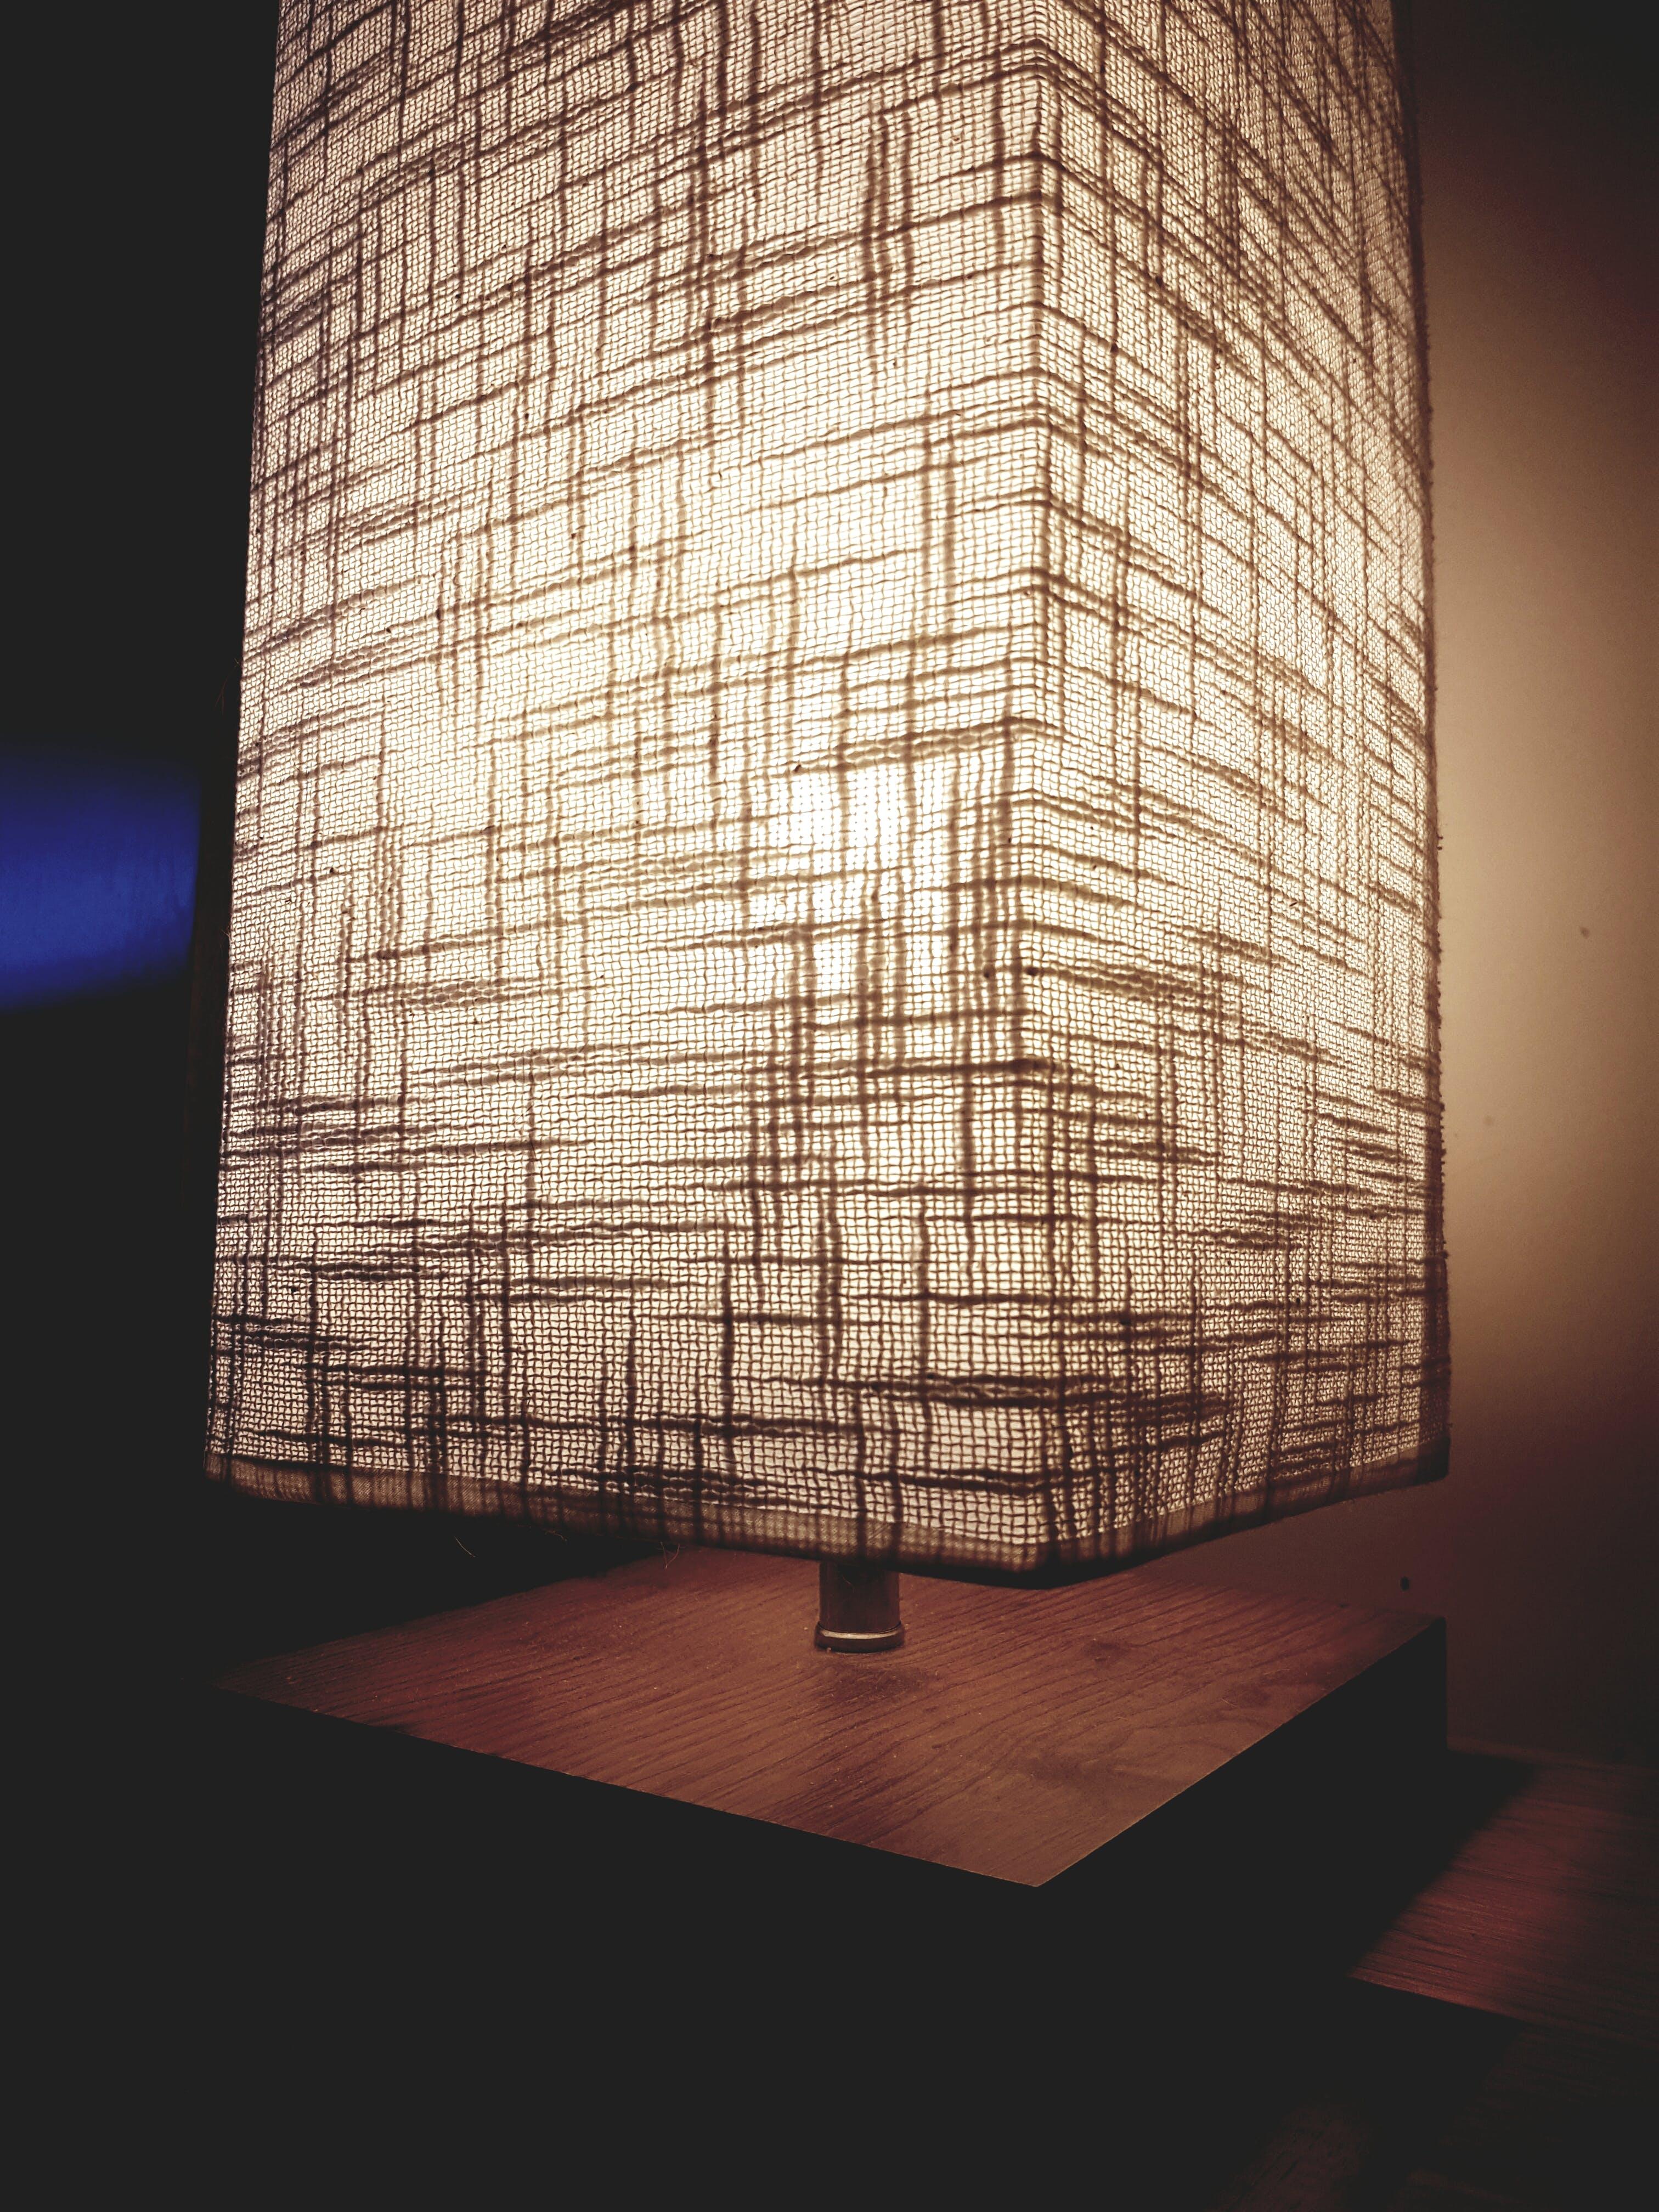 Kostenloses Stock Foto zu abstrakt, architektur, ausdruck, bau